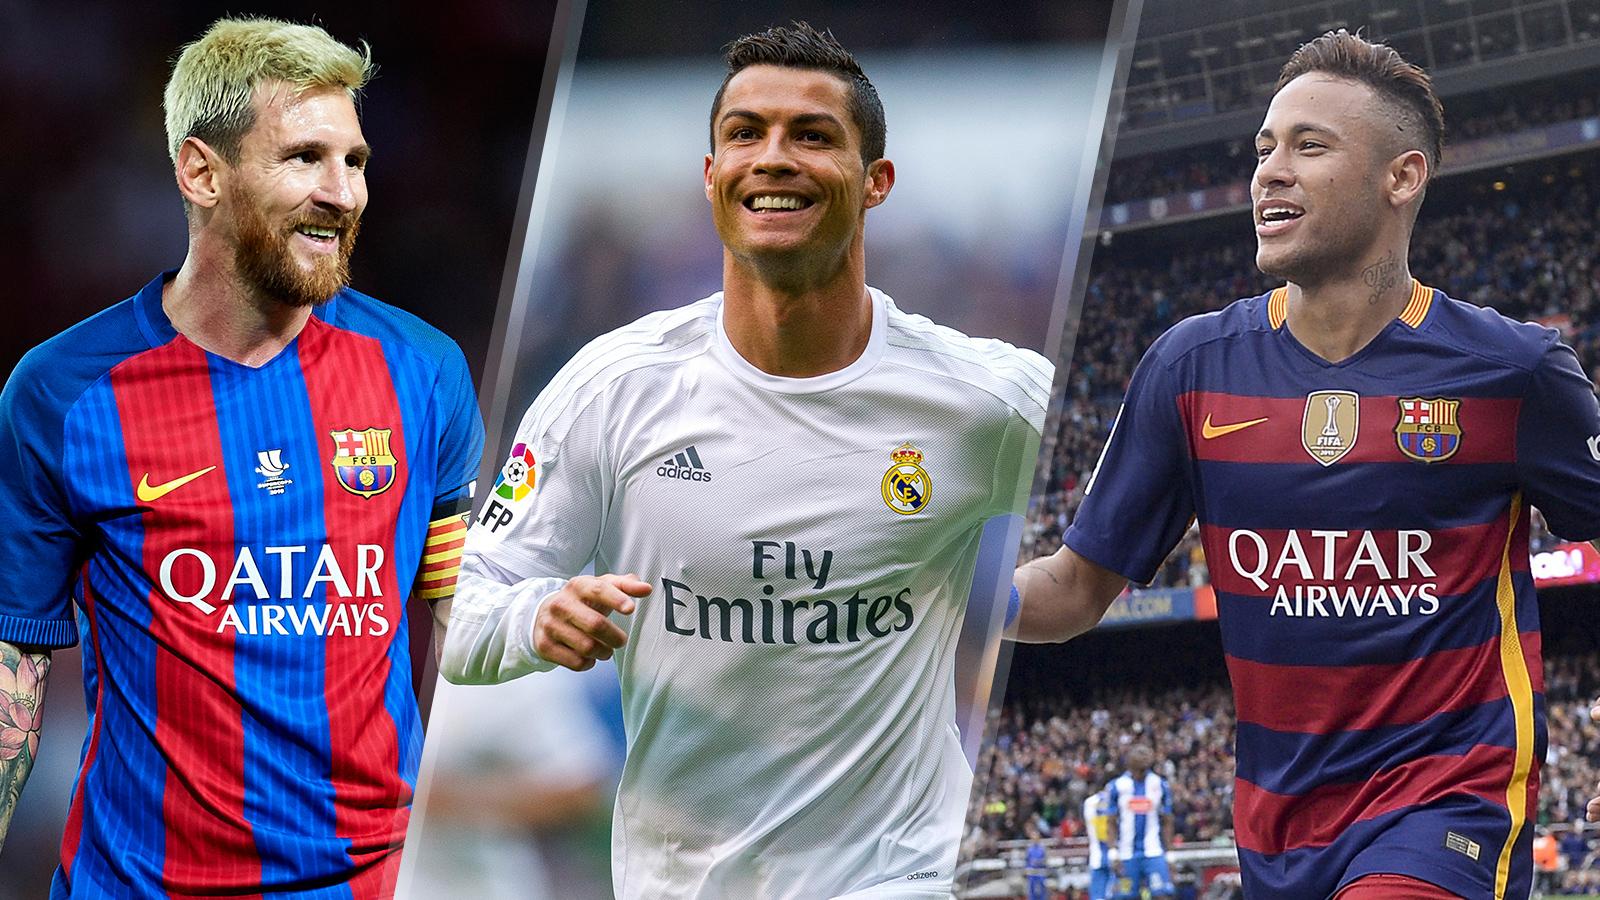 090216-SOC-Messi-Ronaldo-Neymar-FIFA